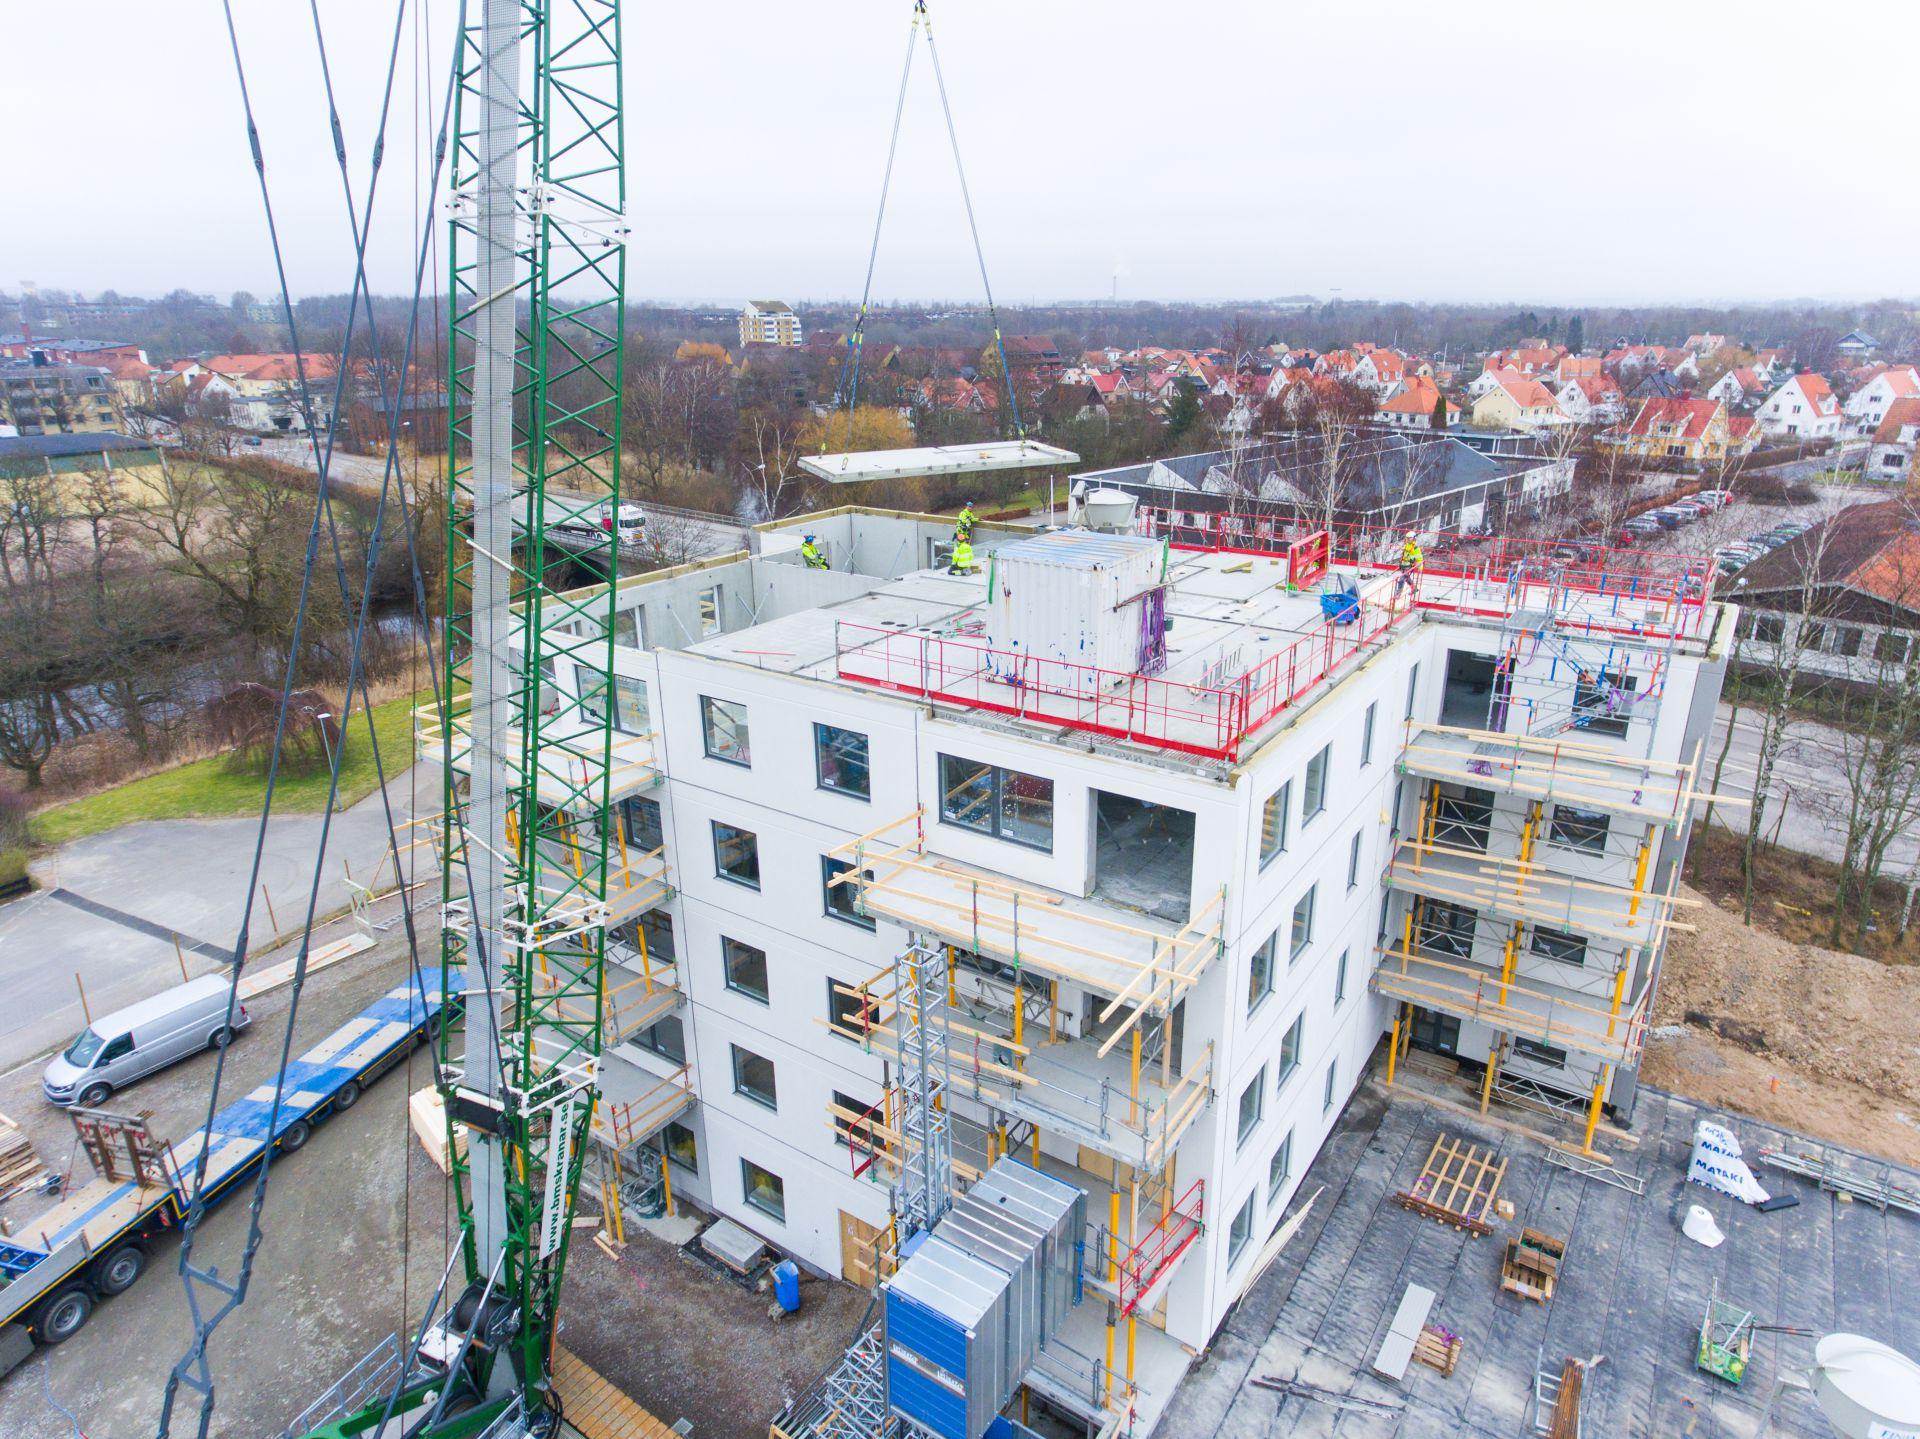 Byggprogression utav Thulins Trädgårdar i Ängelholm där Bjäre Entreprenad har gjort markarbetet